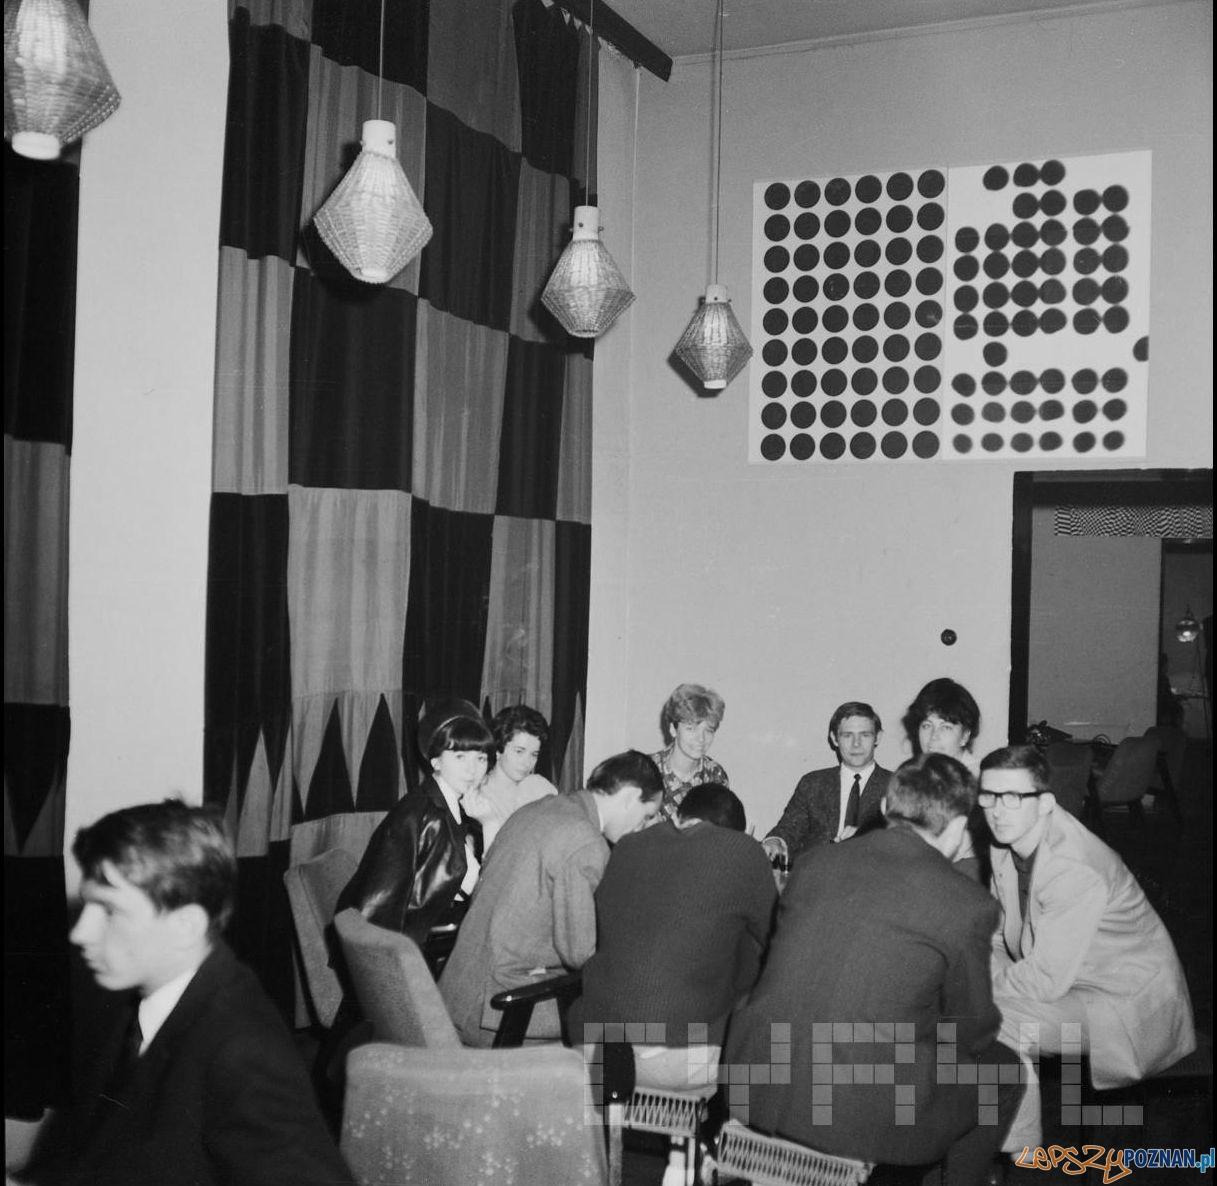 Wnetrze Klubu Od Nowa 1965 - 68